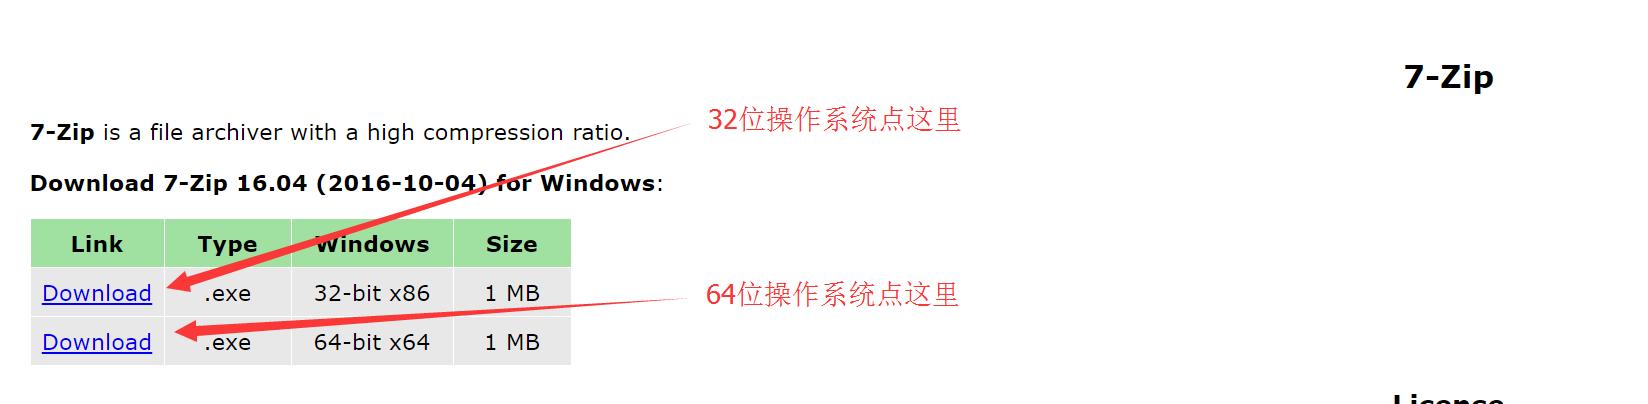 7-Zip官网下载